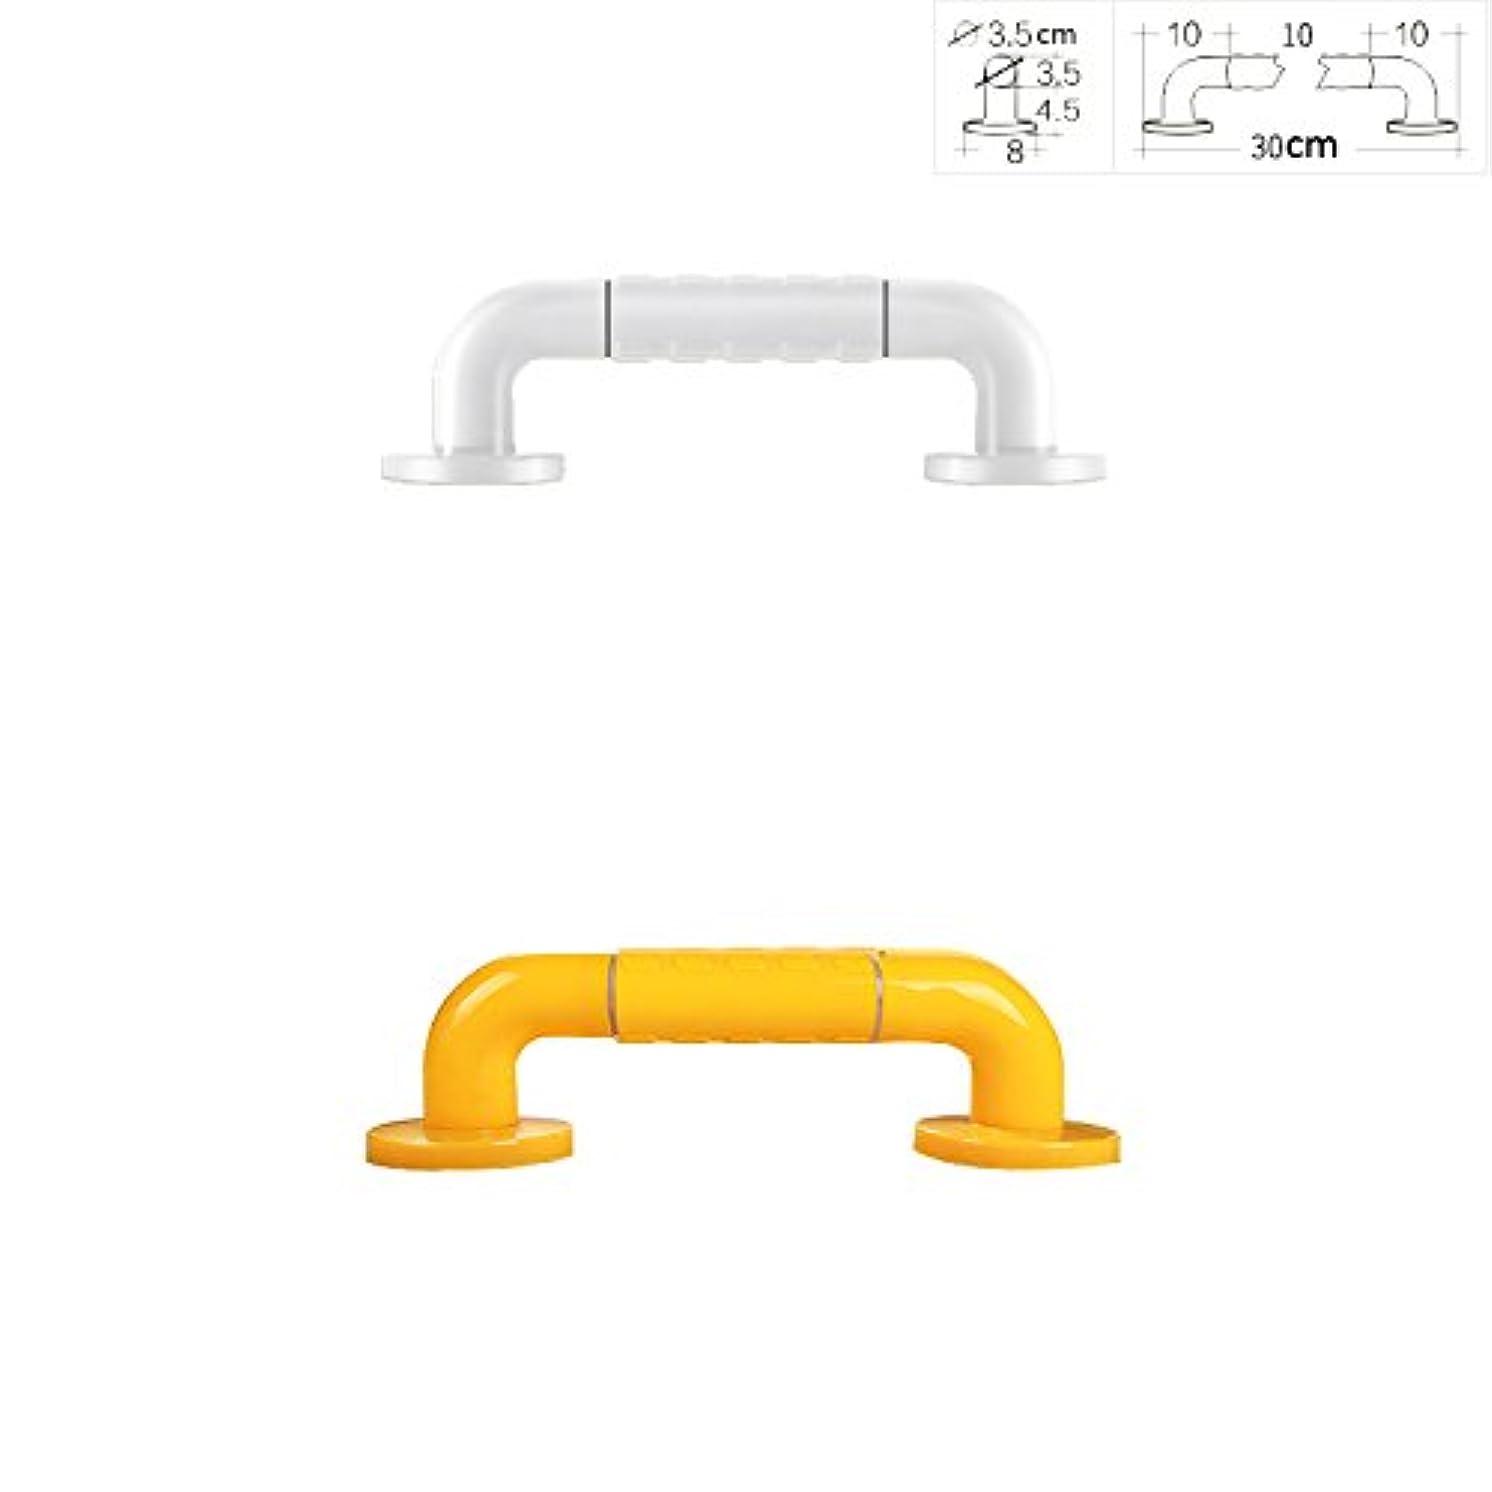 教育する動かす五高齢者の安全手すり、転倒防止バスルームバリアフリー手すり滑り止めバスルームトイレ手すり、2色2選択1 (Color : 2 CHOOSE 1 48CM)